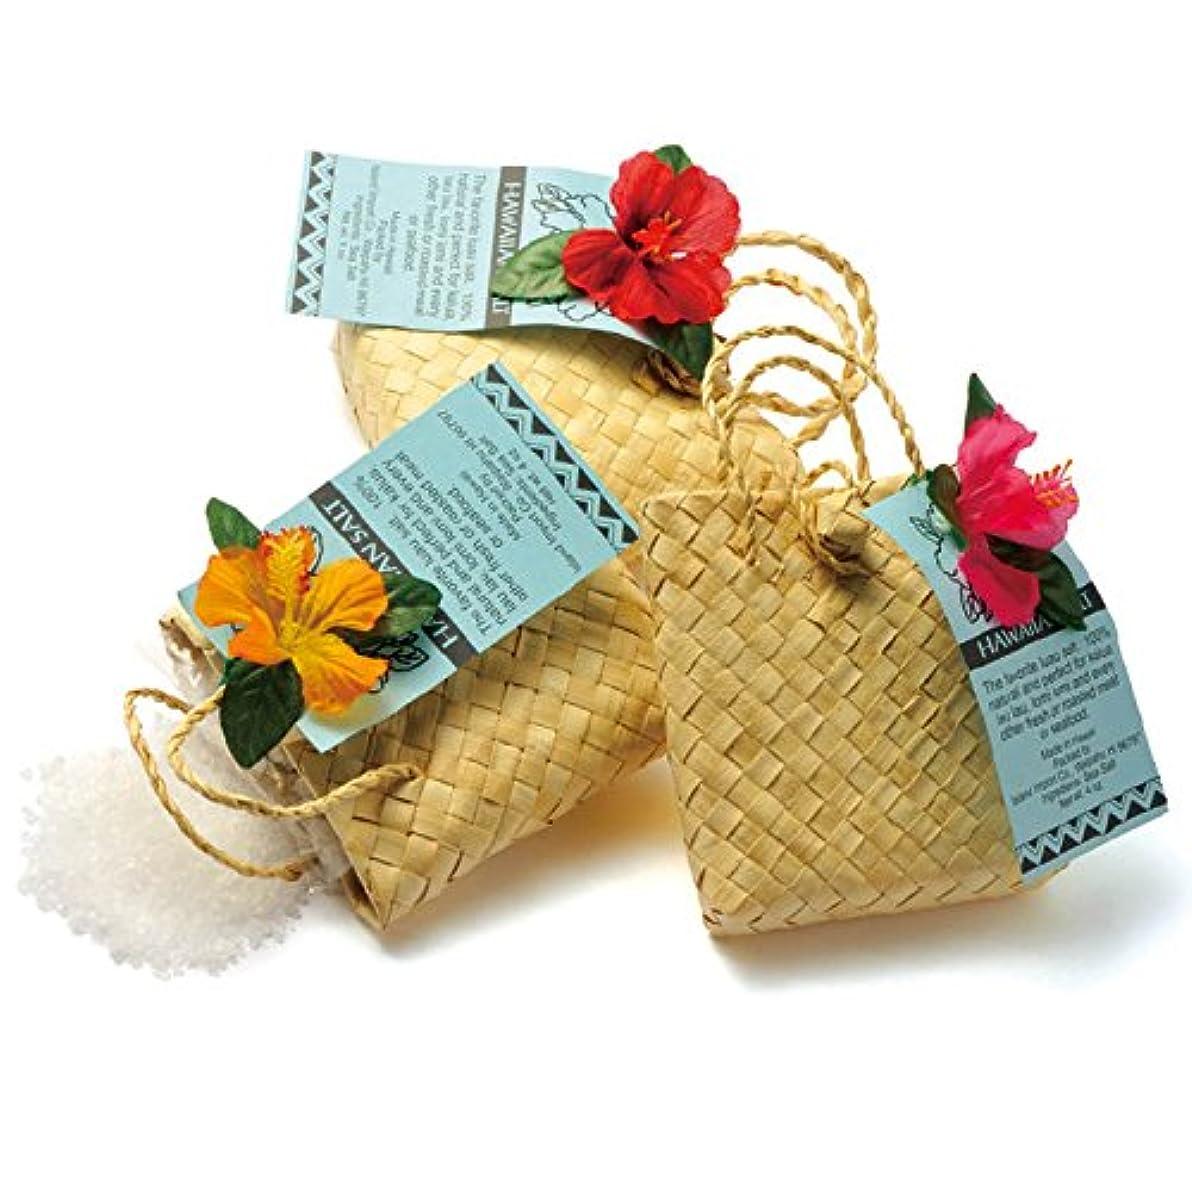 カポックプロポーショナル工場ハワイ 土産 ハワイ ソルトバッグ入り 3袋セット (海外旅行 ハワイ お土産)